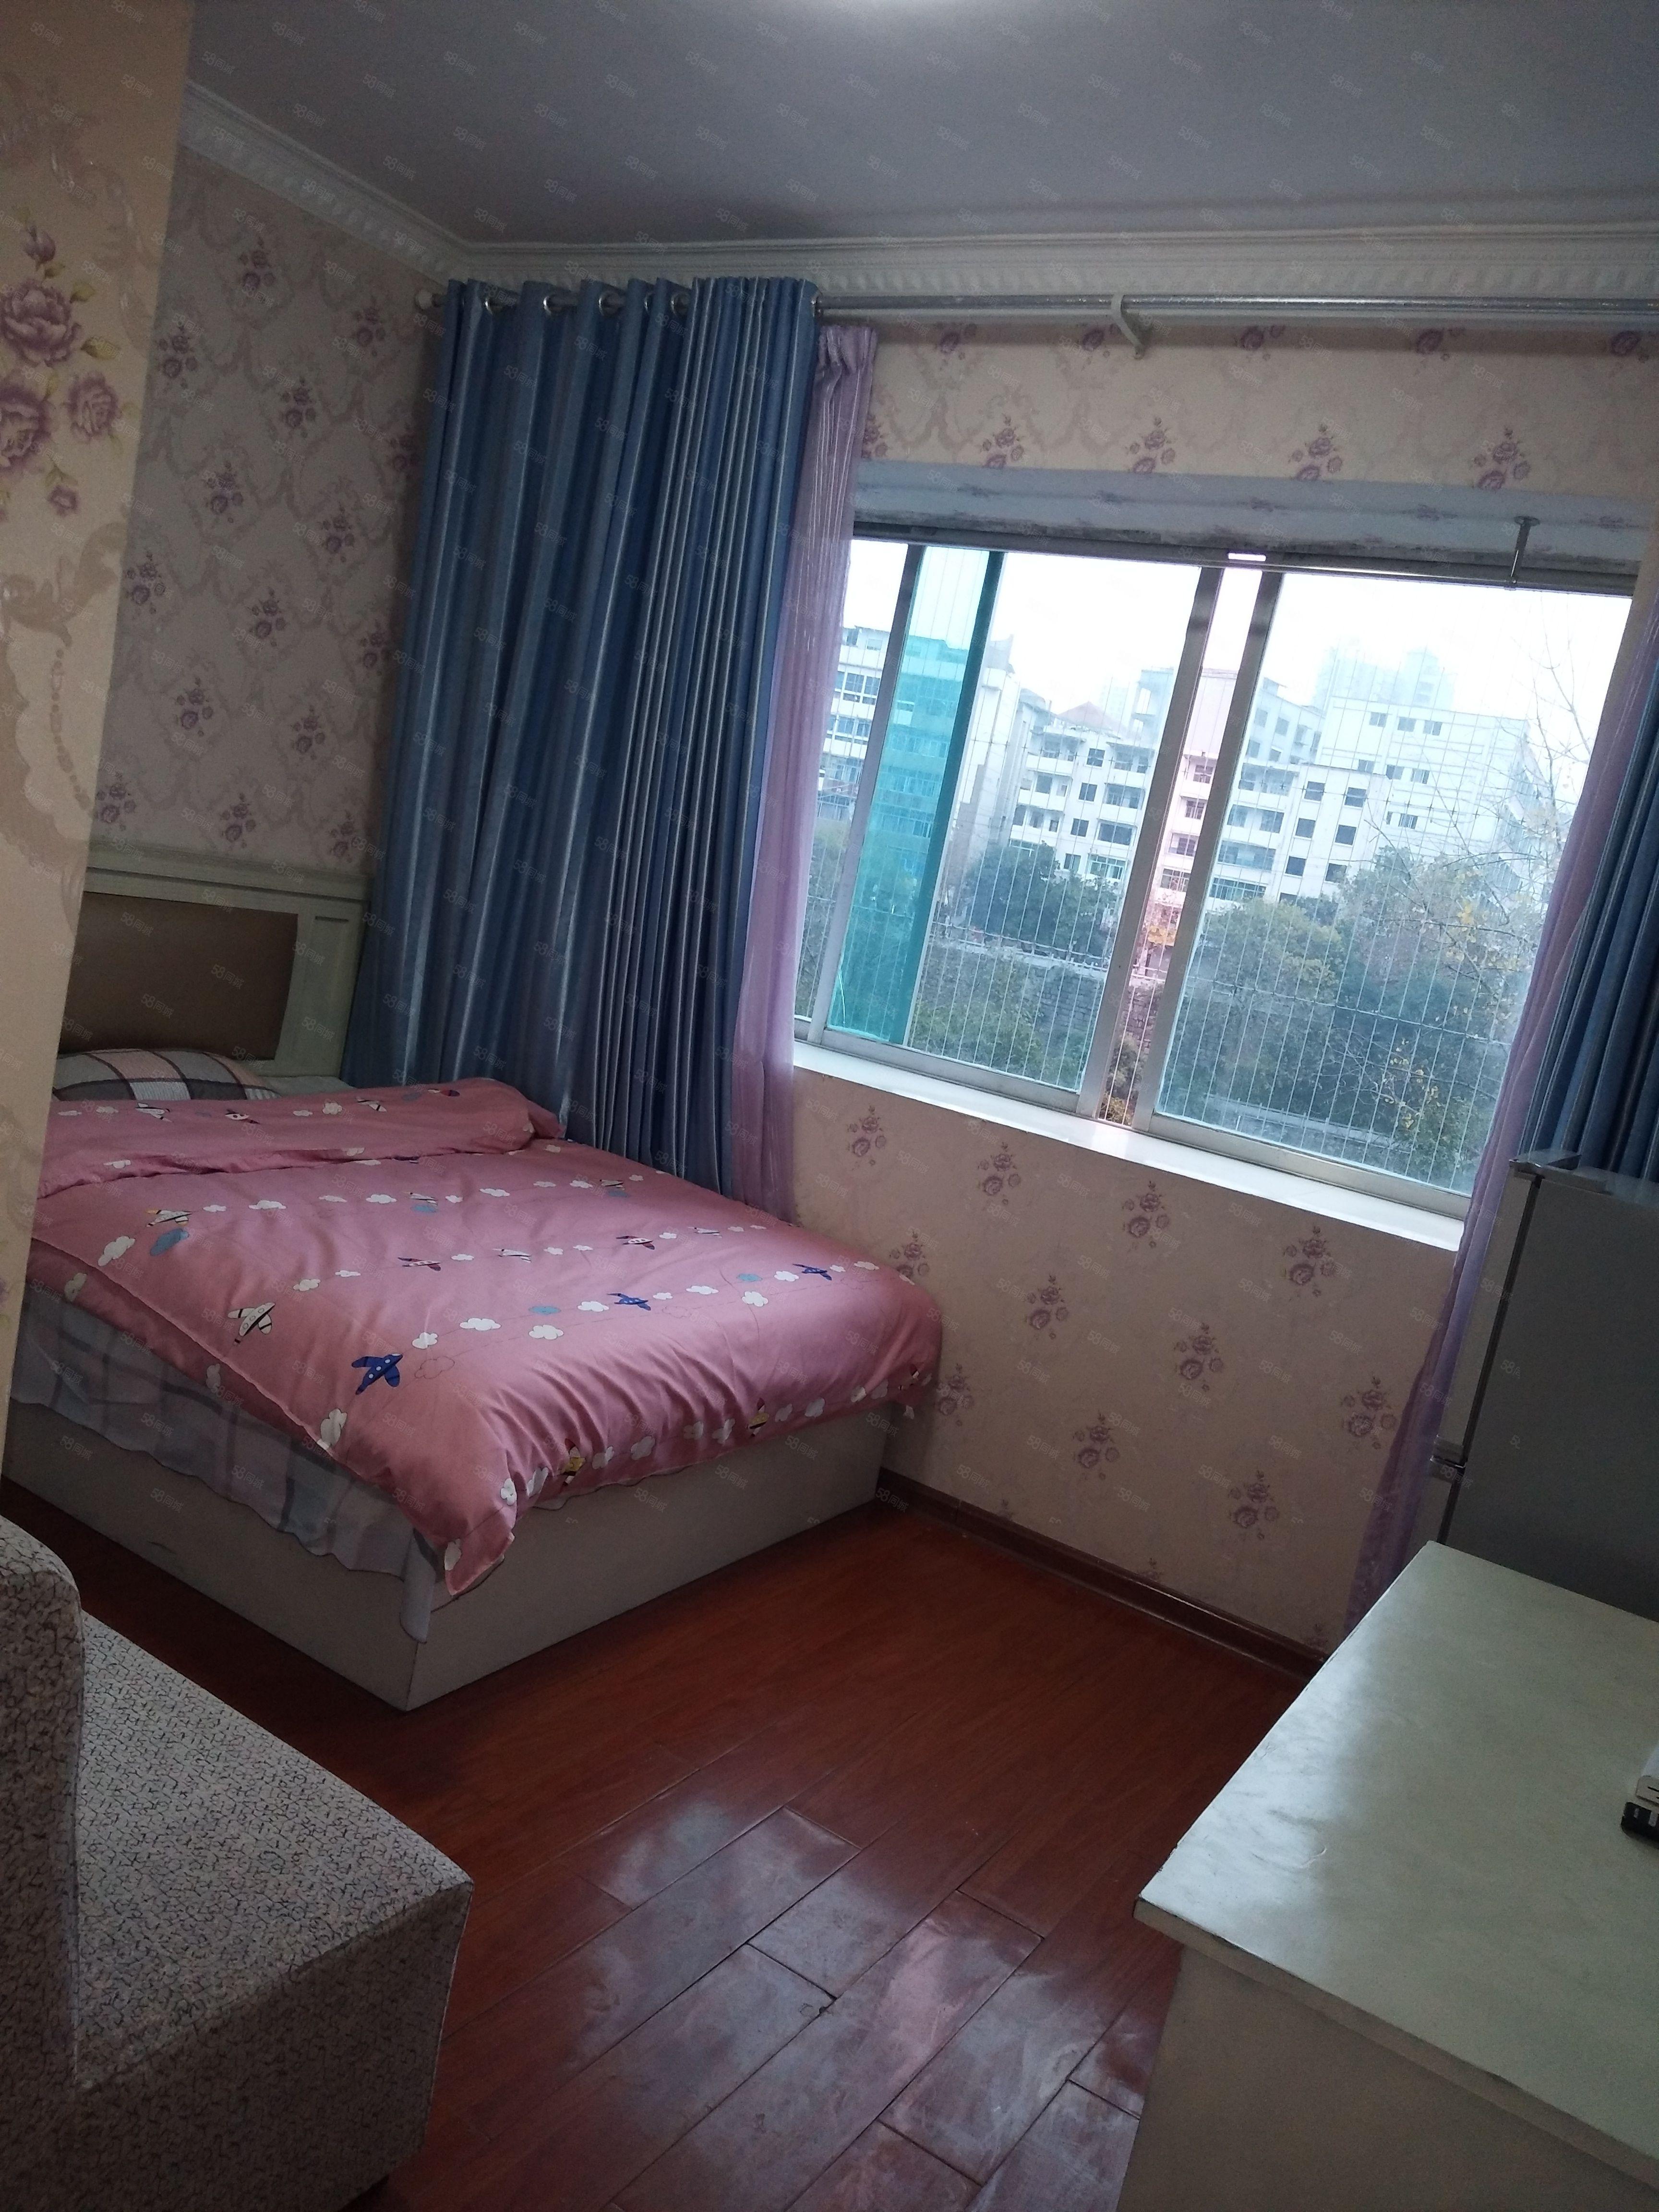 锦江广场石油公司温馨一居室带独立卫生间,基本家电齐全拎包住!